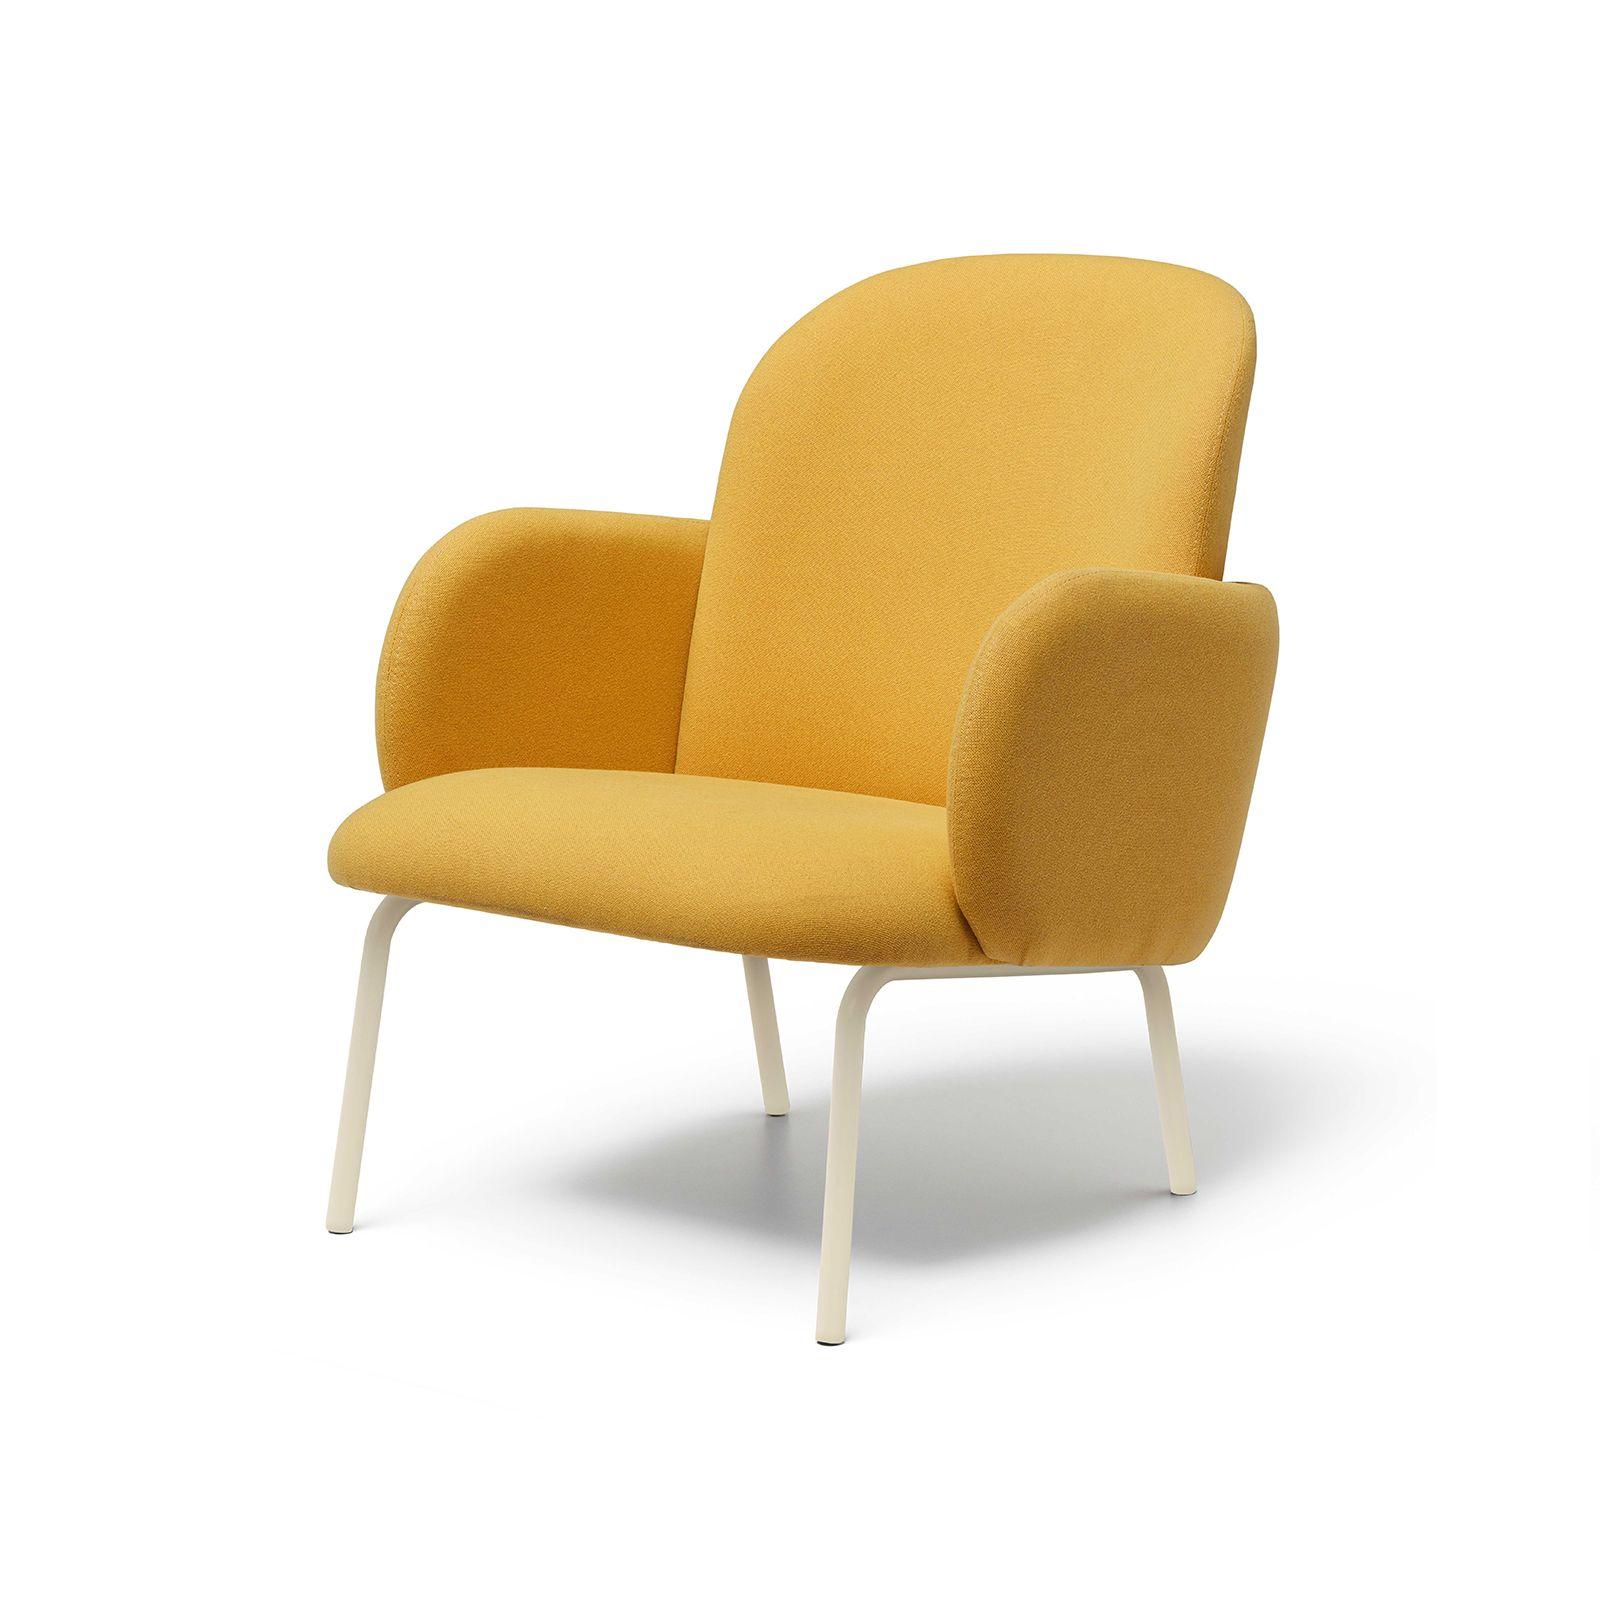 Dost (met afbeeldingen) Loungestoel